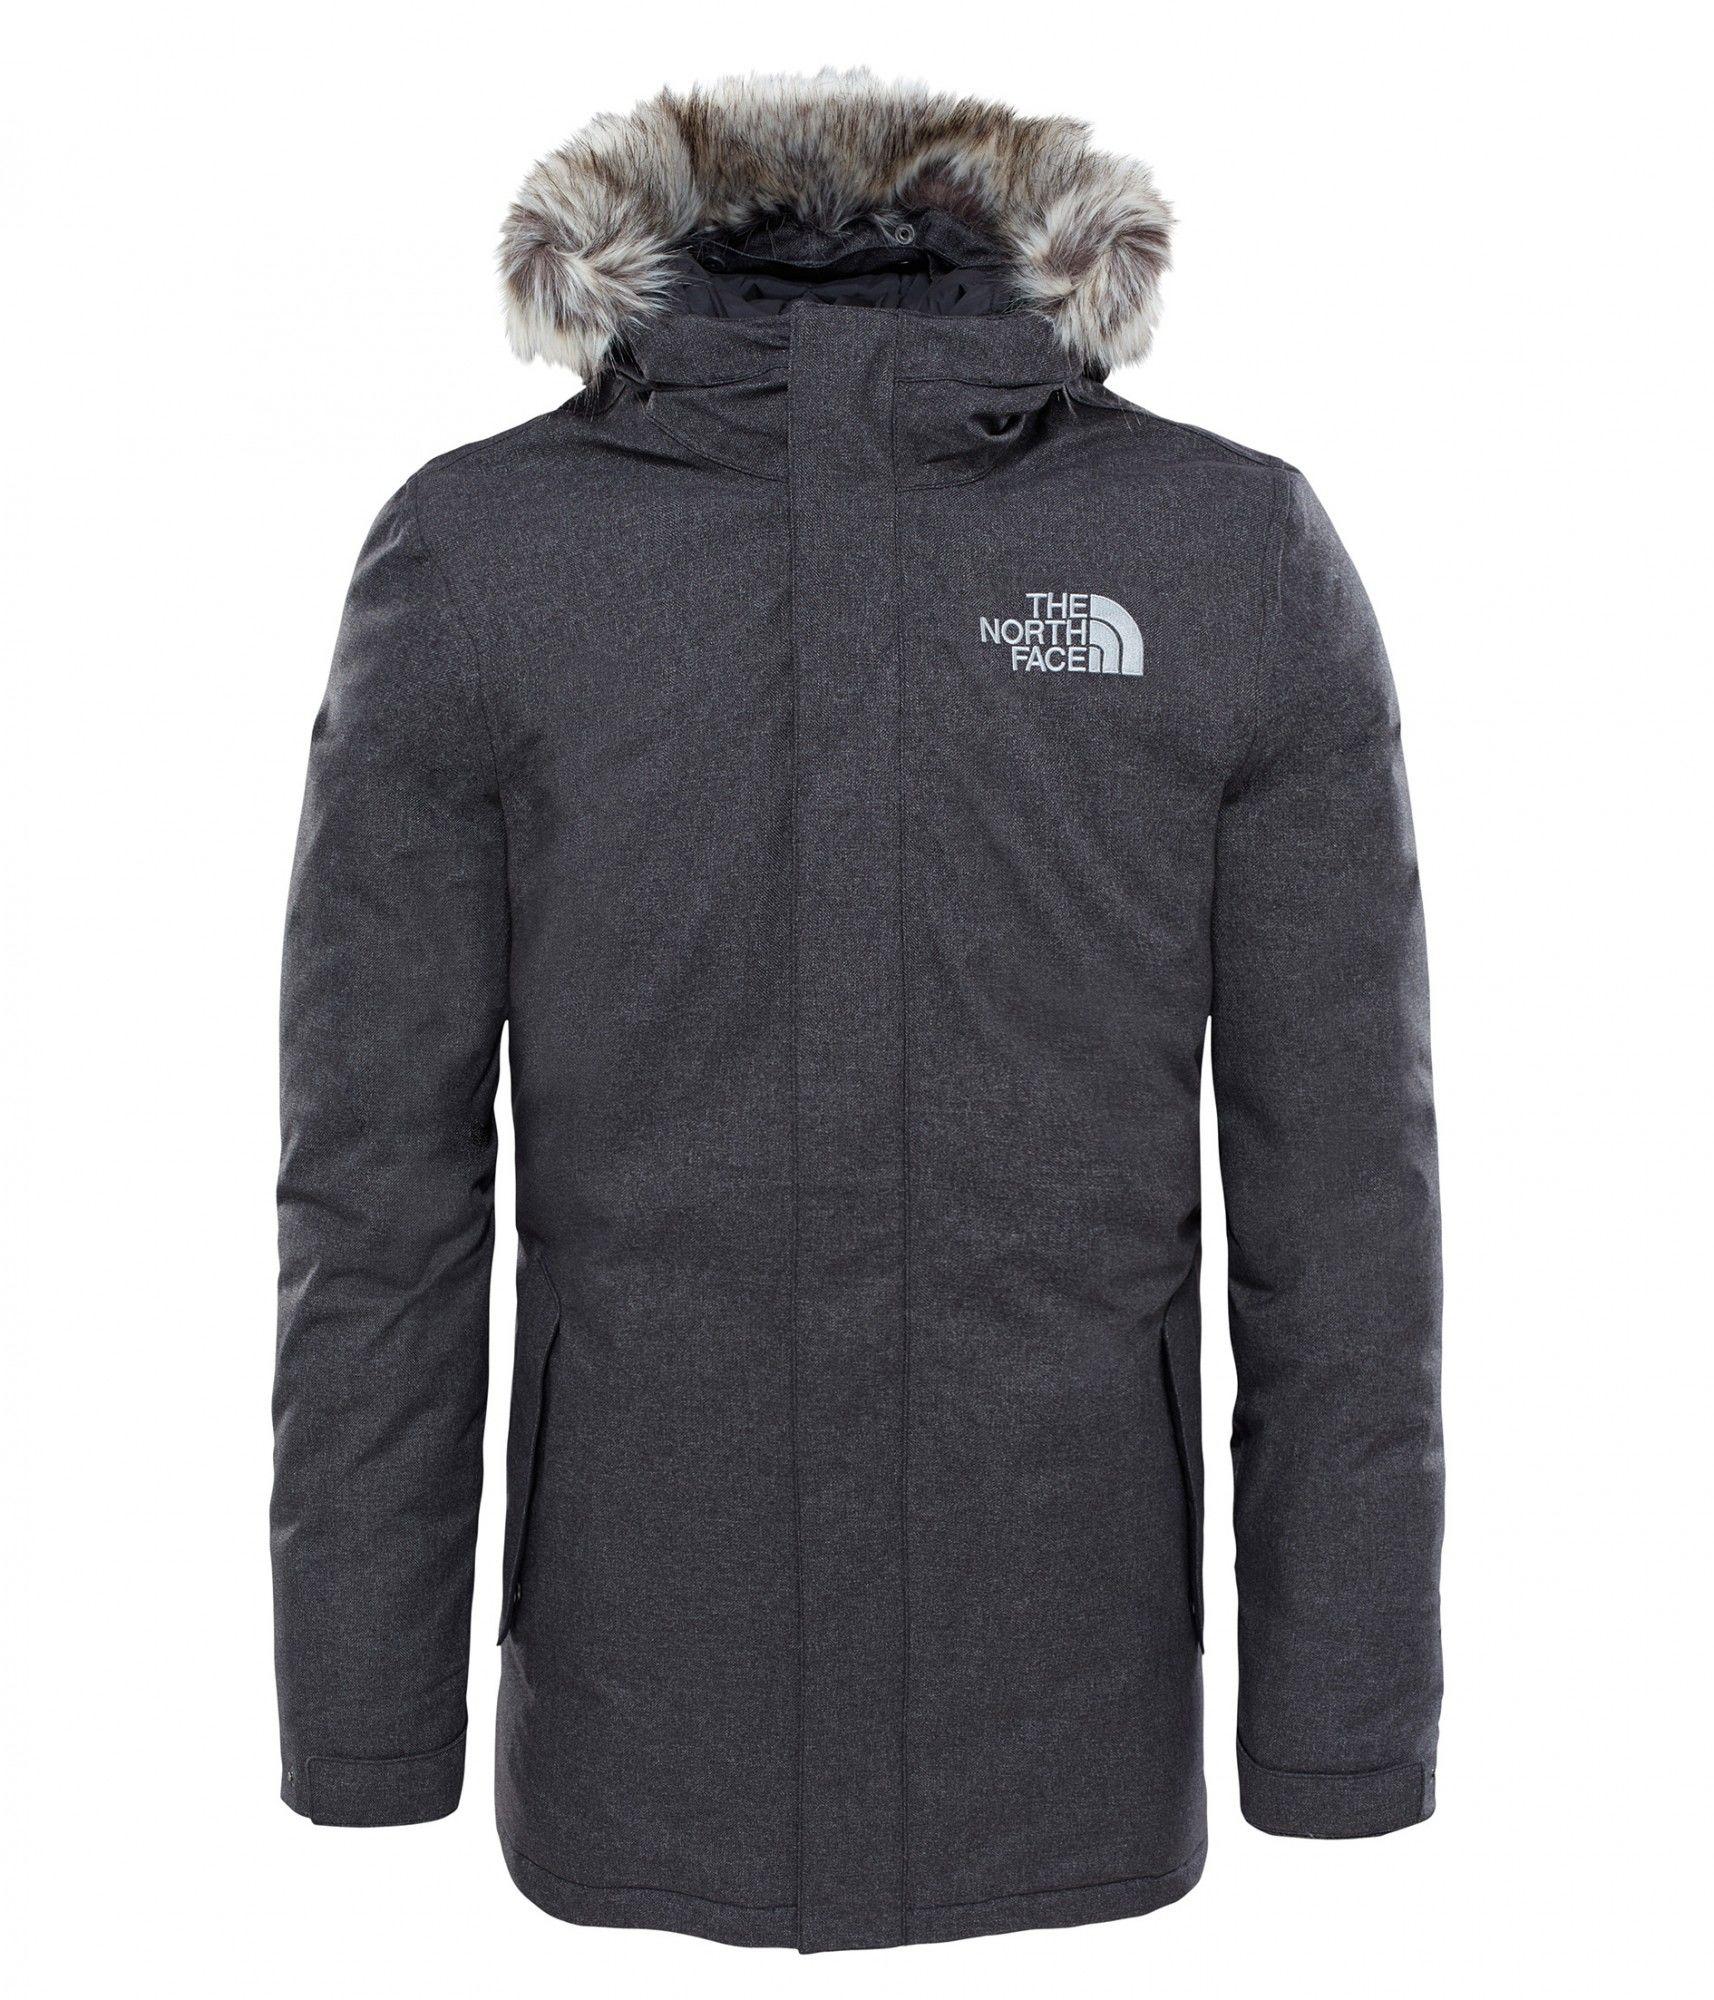 The North Face Zaneck Jacket Grau, Male Freizeitjacke, XL